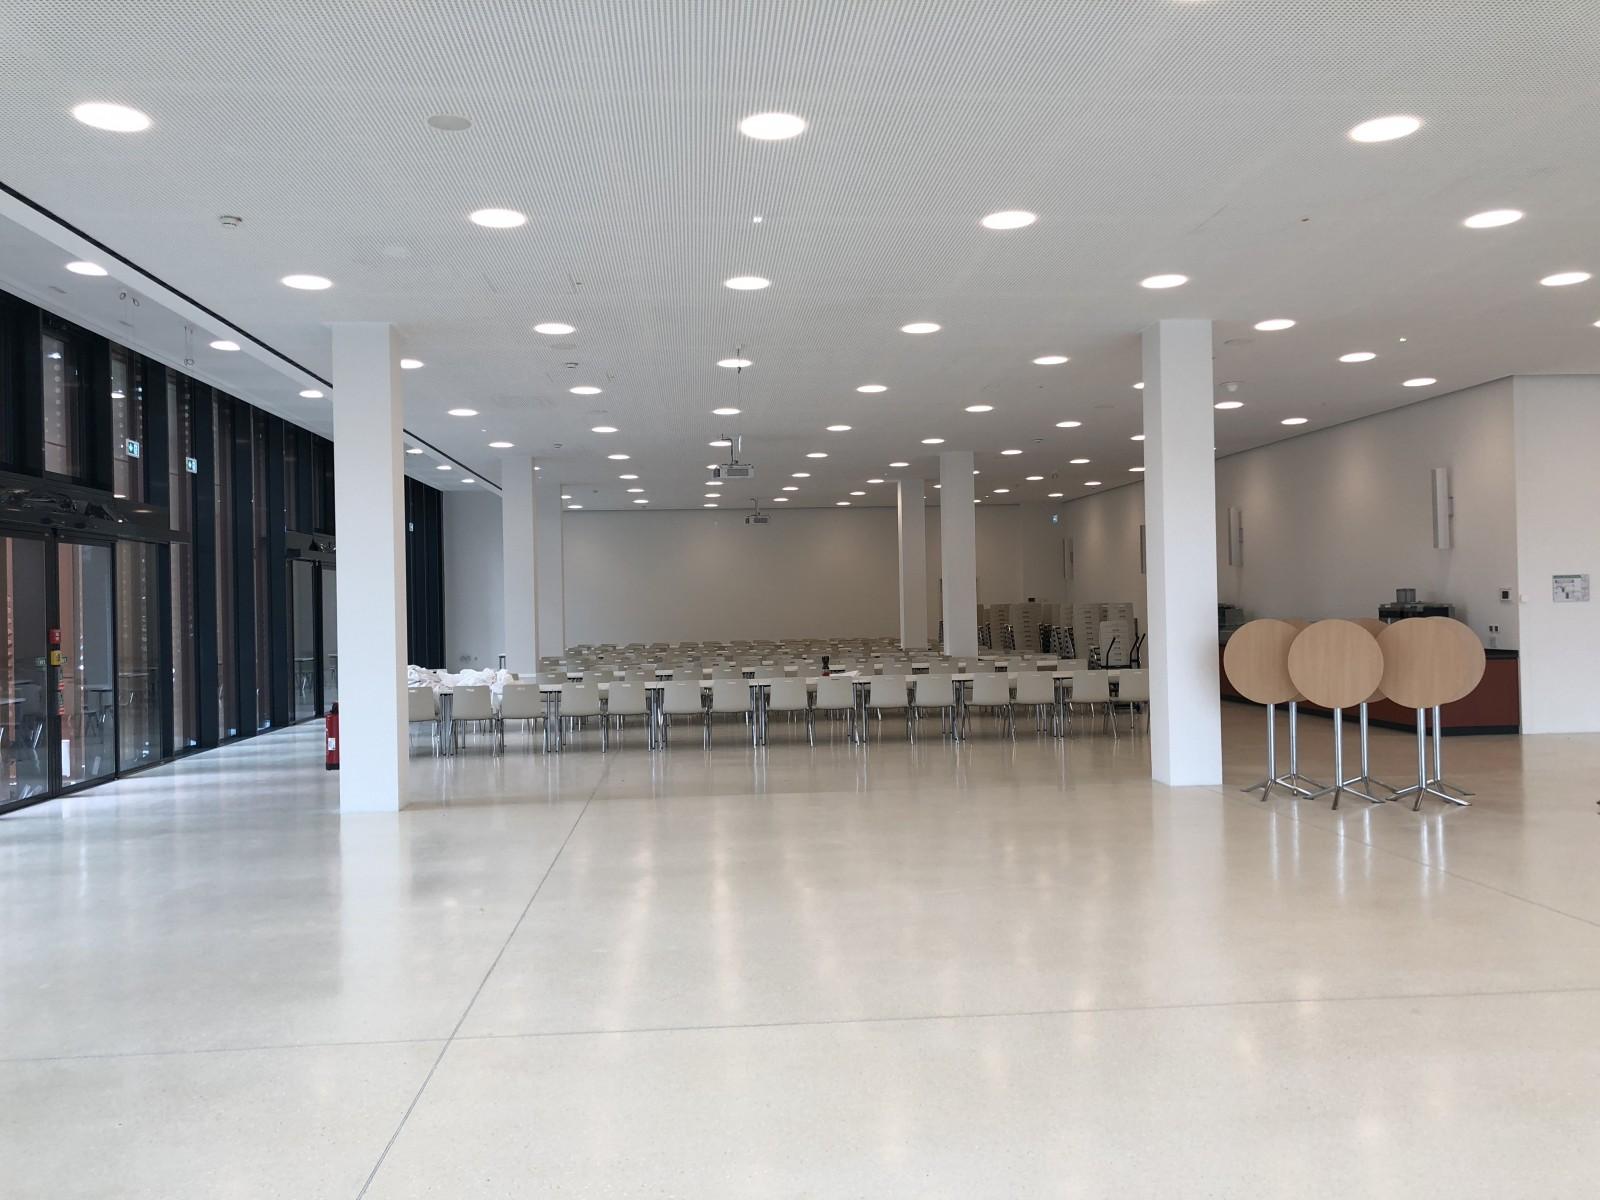 Erweiterung Finanzcampus Ansbach, Lehrsaal- und Mensagebäude